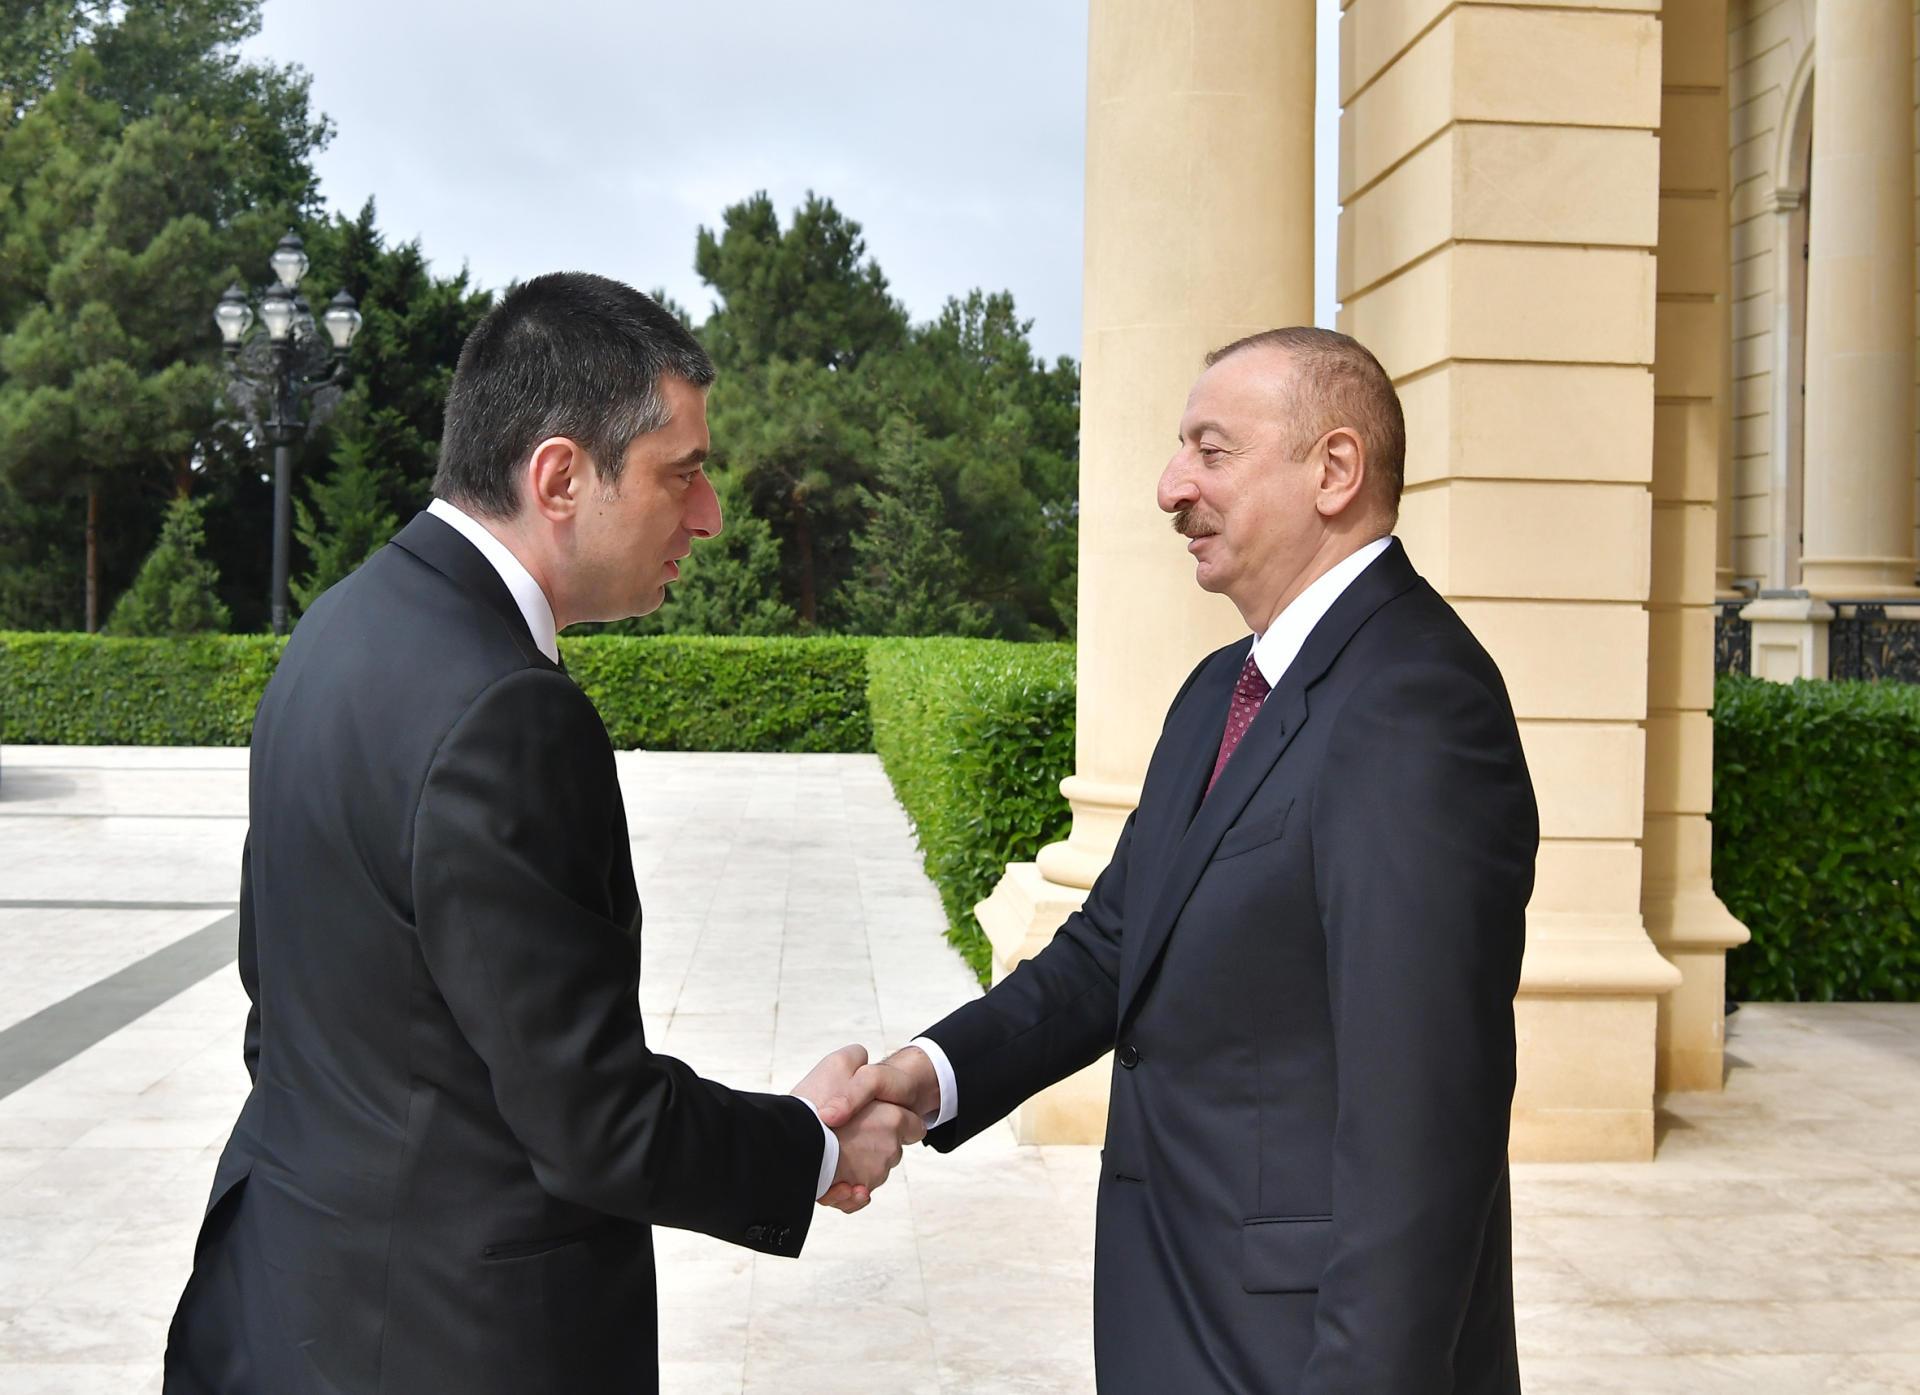 2019/10/prezident_gurcustan_qebul_091019_01_1570612281.jpg